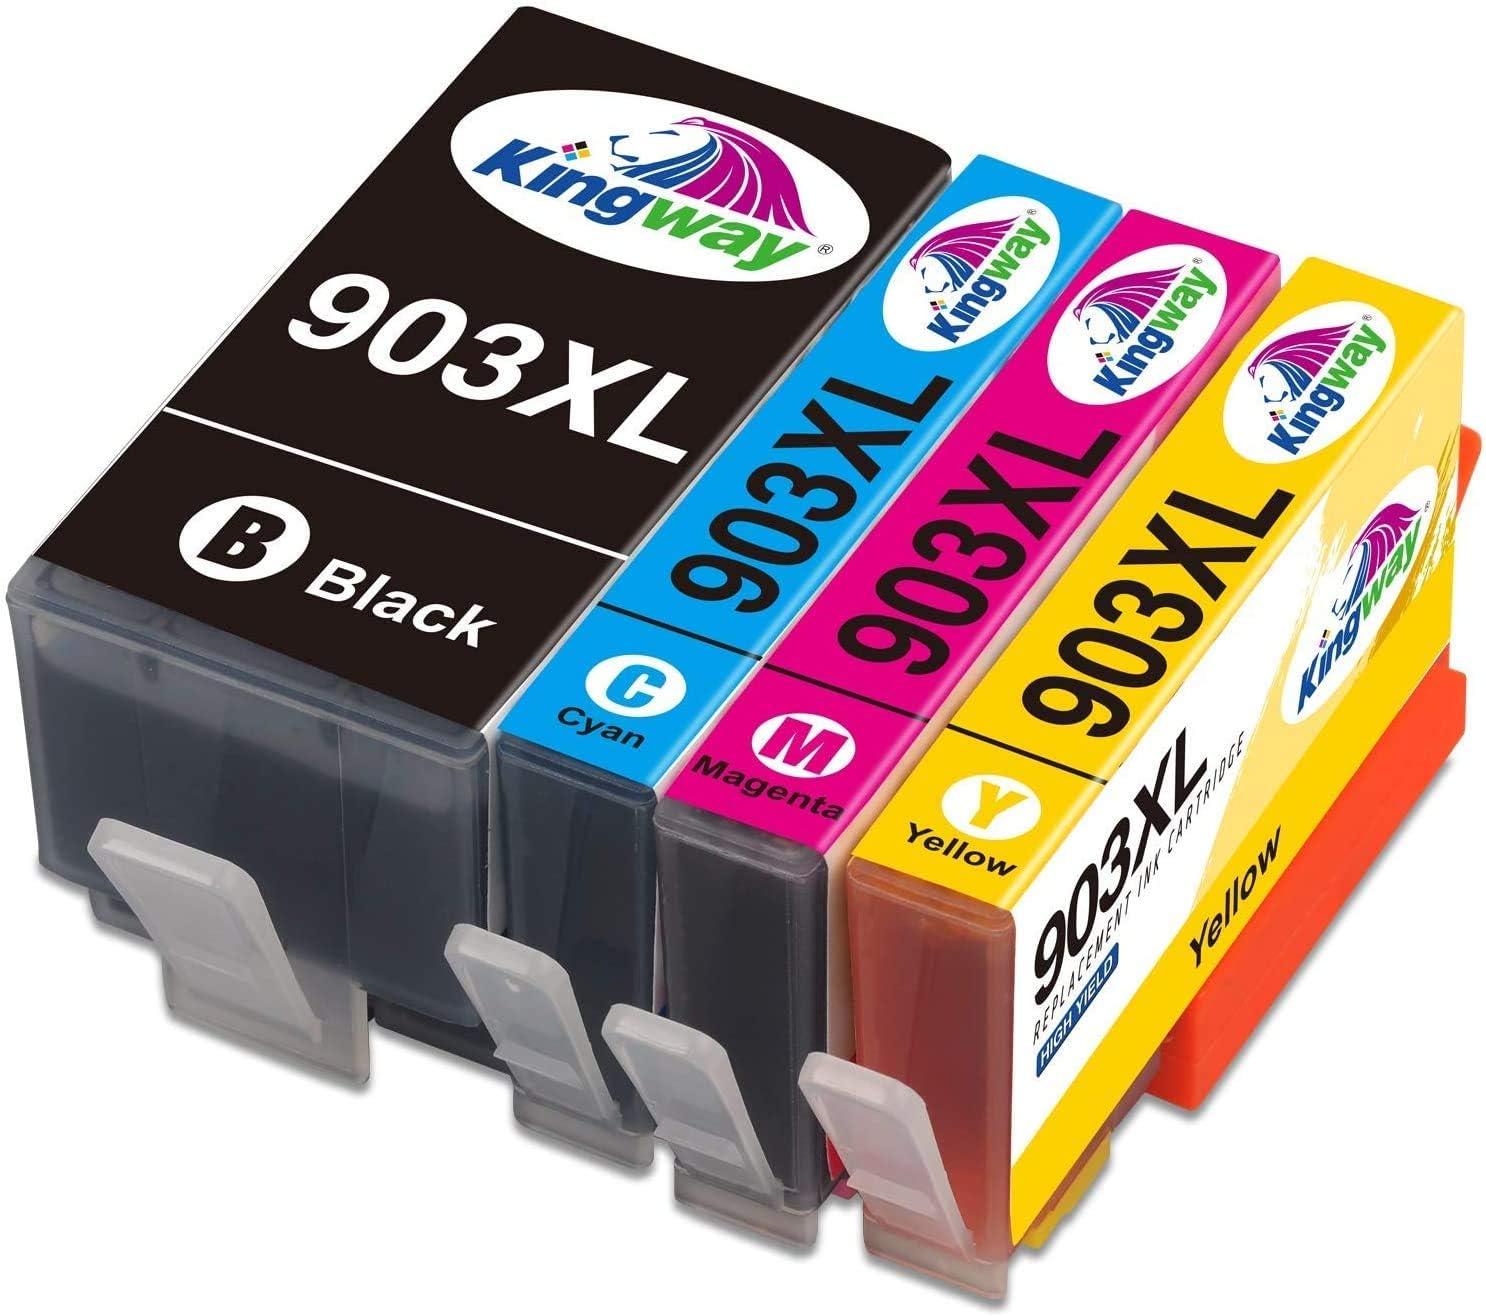 Kingway Replacement For Hp 903xl Printer Cartridges Work With Officejet Pro 6950 6960 6970 Pack Of 4 Bürobedarf Schreibwaren